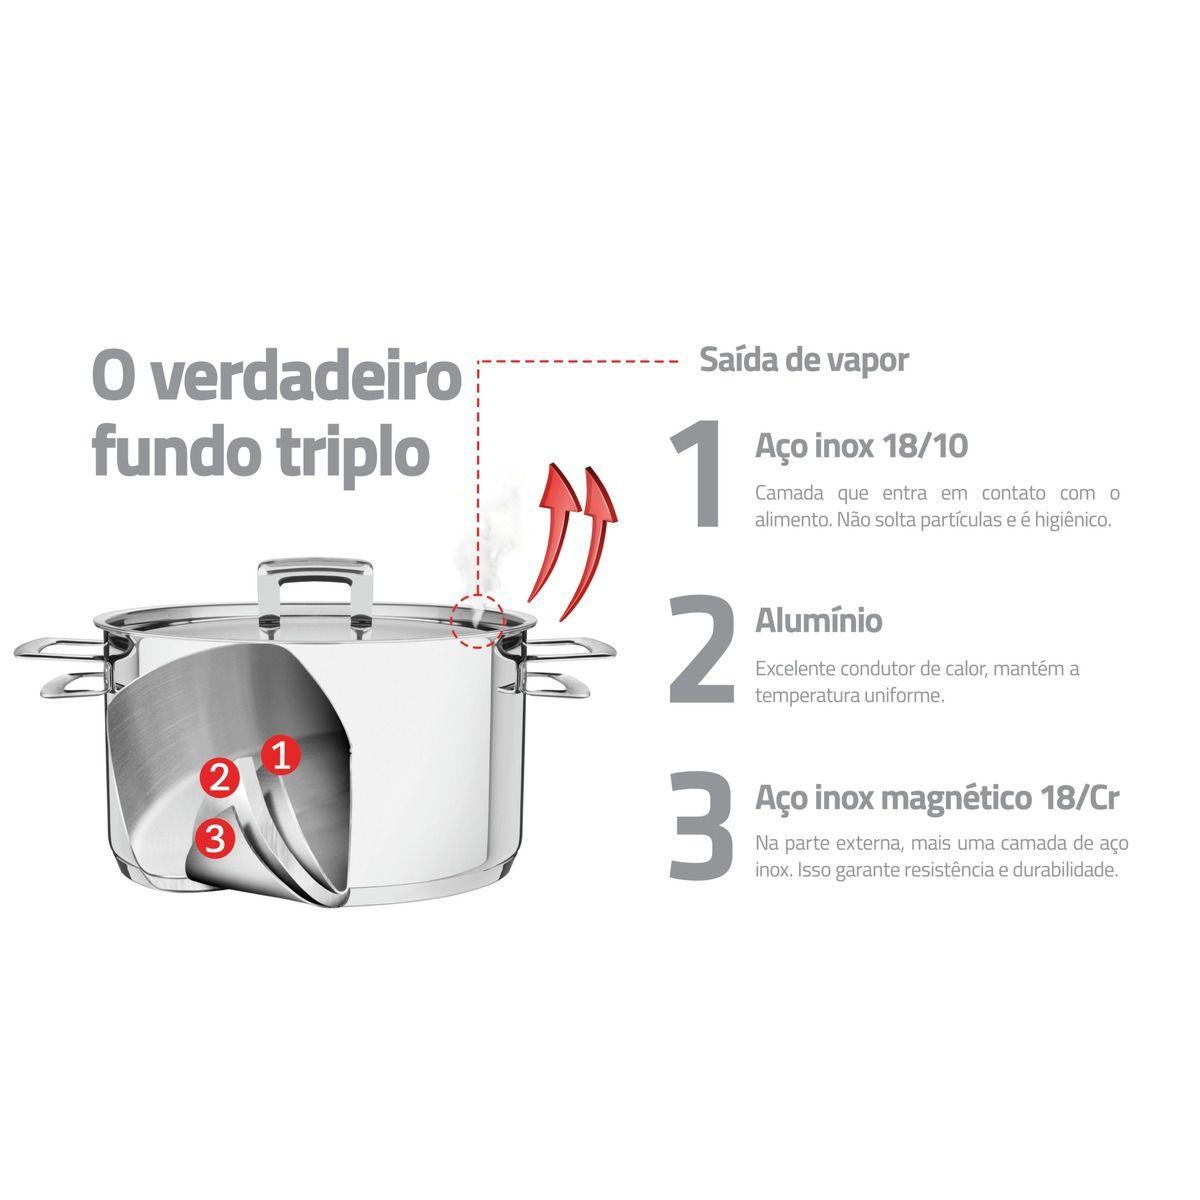 Jogo de Panelas Brava Aço Inox 5 Peças 65400/010 Tramontina